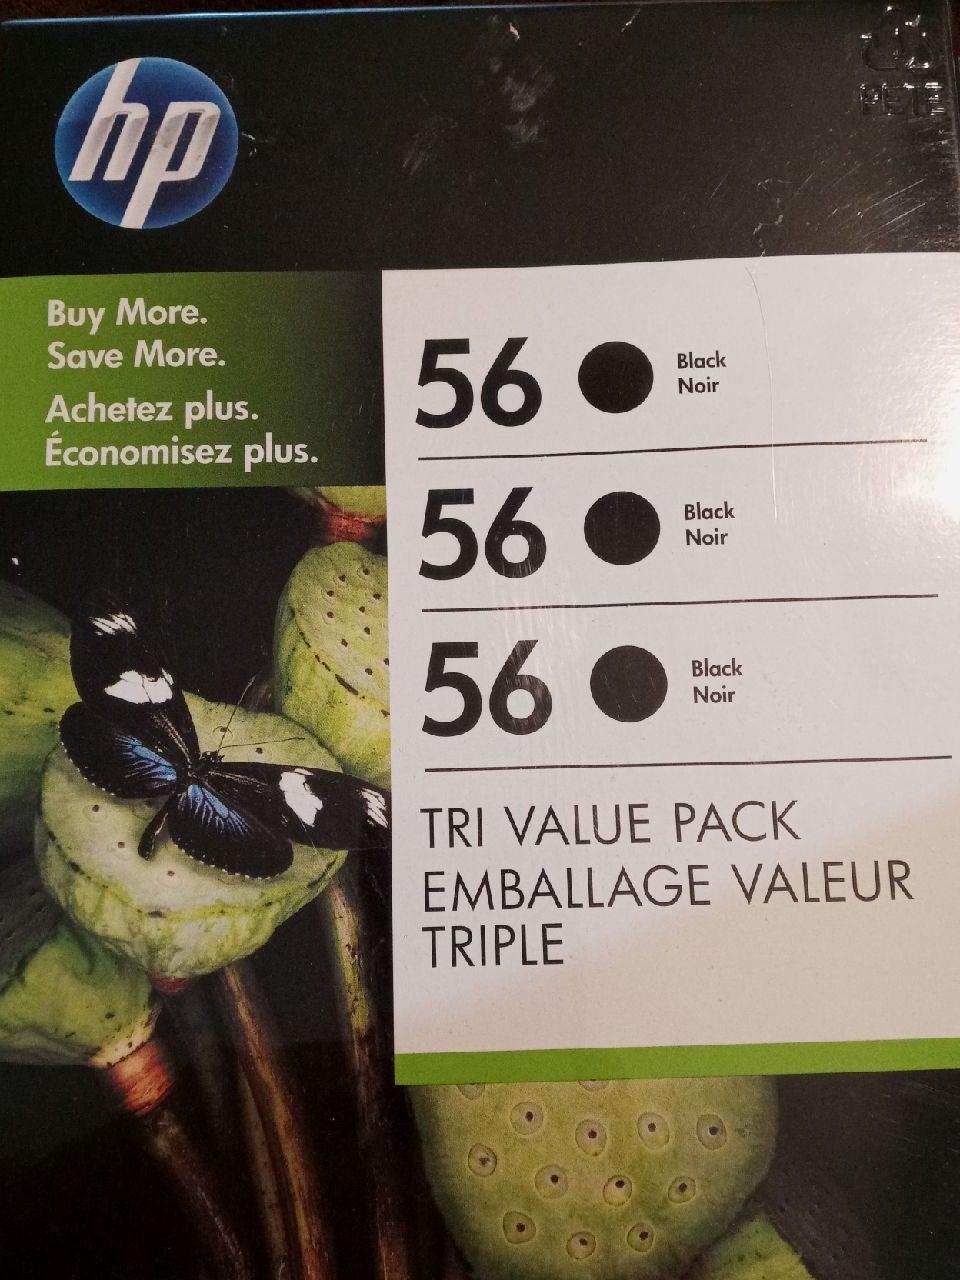 HP Tri Value Pack